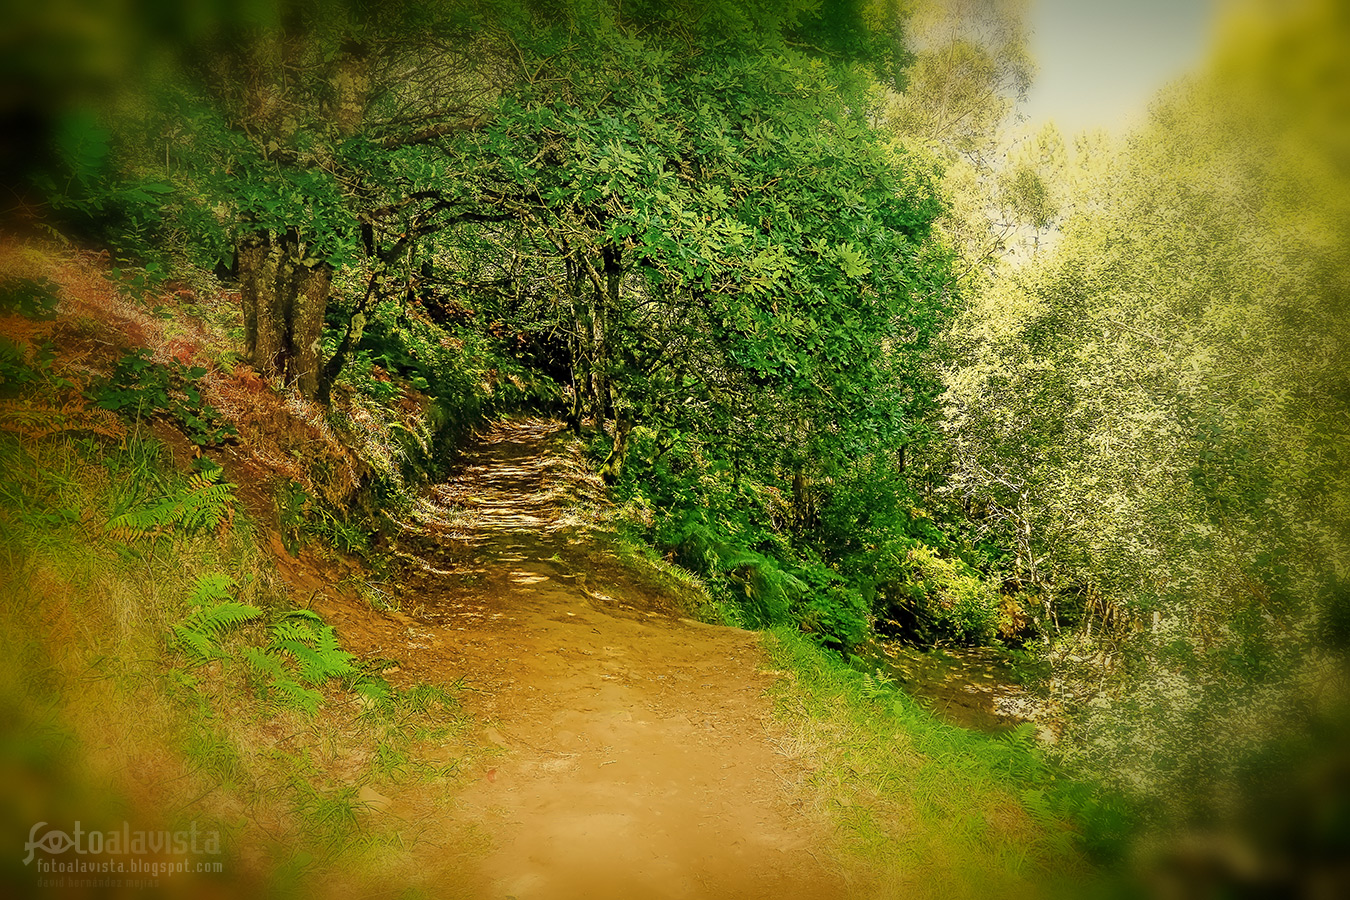 El camino que se adentra al bosque - Fotografía